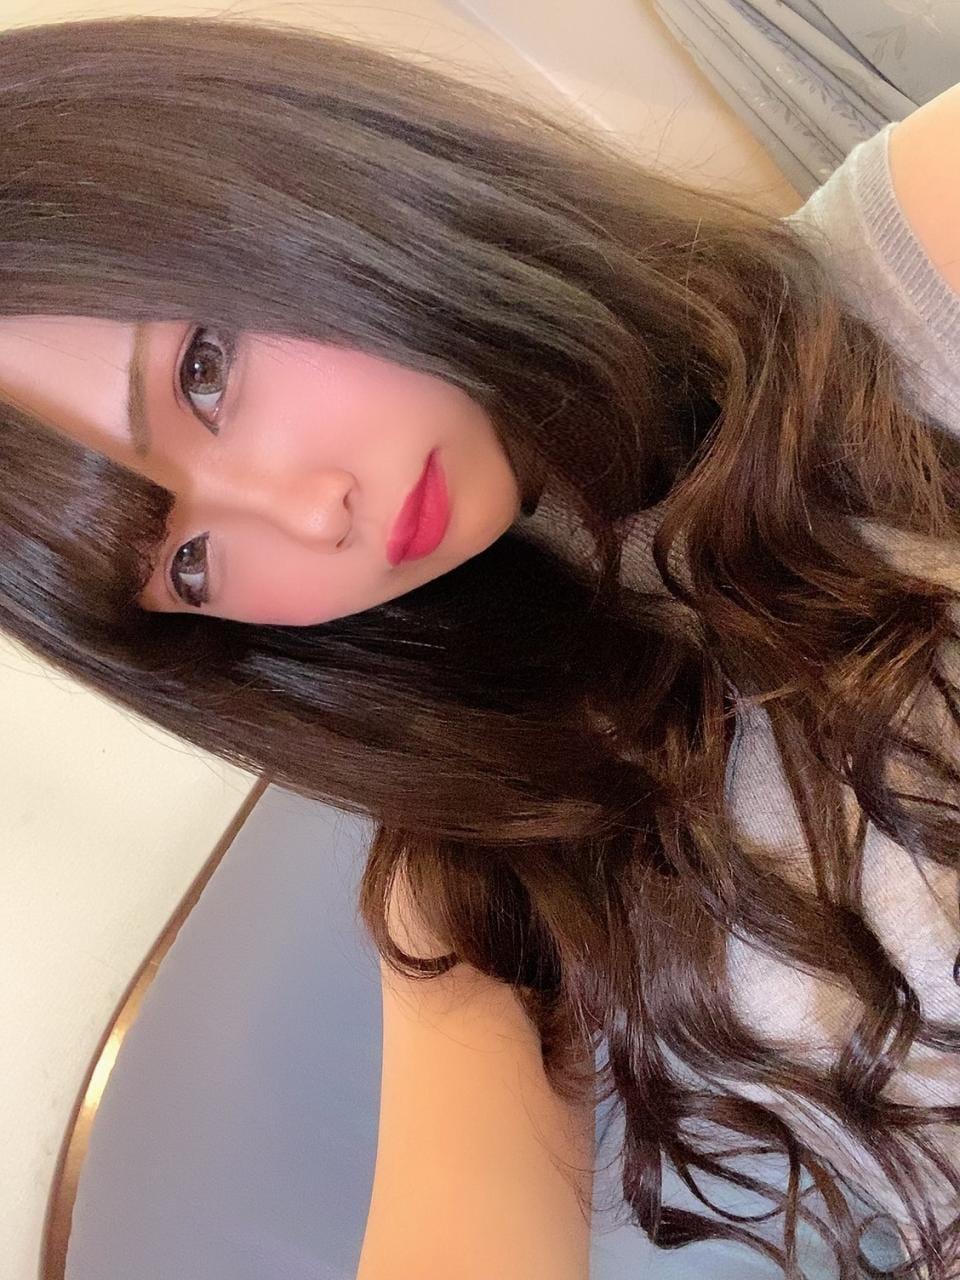 「おはよう」06/04(木) 13:50 | ☆りり(19)☆の写メ・風俗動画